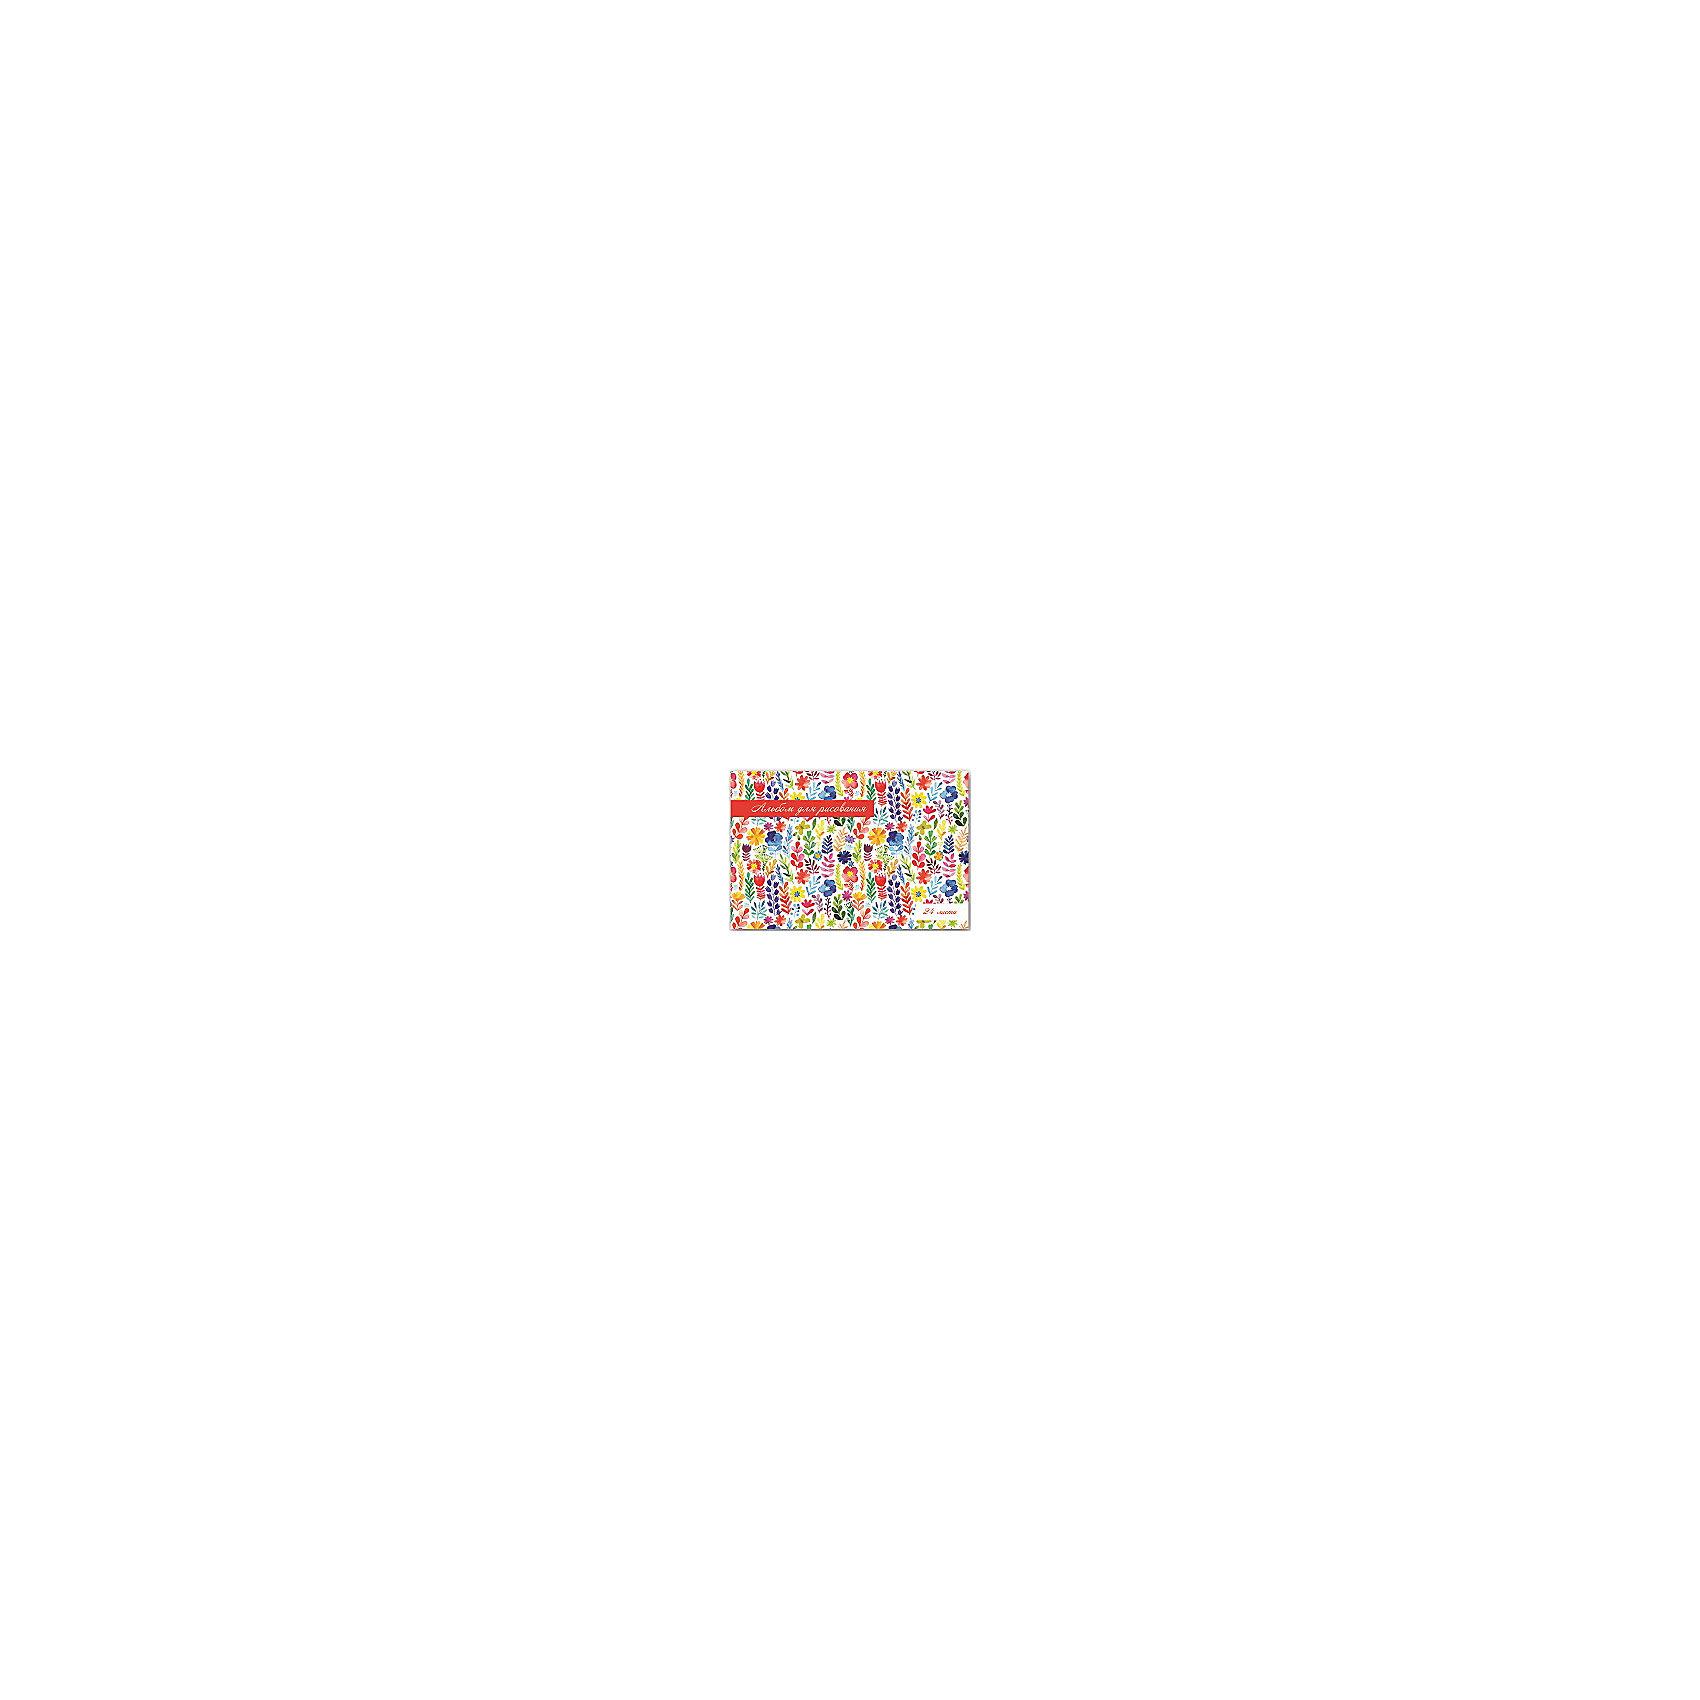 Альбом для рисования Акварельные цветы, 40лСкоро 1 сентября, а значит Вашему ребенку обязательно понадобиться альбом для рисования!<br><br>Дополнительная информация:<br><br>- Возраст: от 3 лет.<br>- 40 листов.<br>- Формат: А4.<br>- Материал: бумага, картон.<br>- Размер упаковки: 29,5х20х0,7 см.<br>- Вес в упаковке: 303 г.<br><br>Купить альбом для рисования Акварельные цветы можно в нашем магазине.<br><br>Ширина мм: 295<br>Глубина мм: 200<br>Высота мм: 7<br>Вес г: 303<br>Возраст от месяцев: 36<br>Возраст до месяцев: 2147483647<br>Пол: Унисекс<br>Возраст: Детский<br>SKU: 4943588